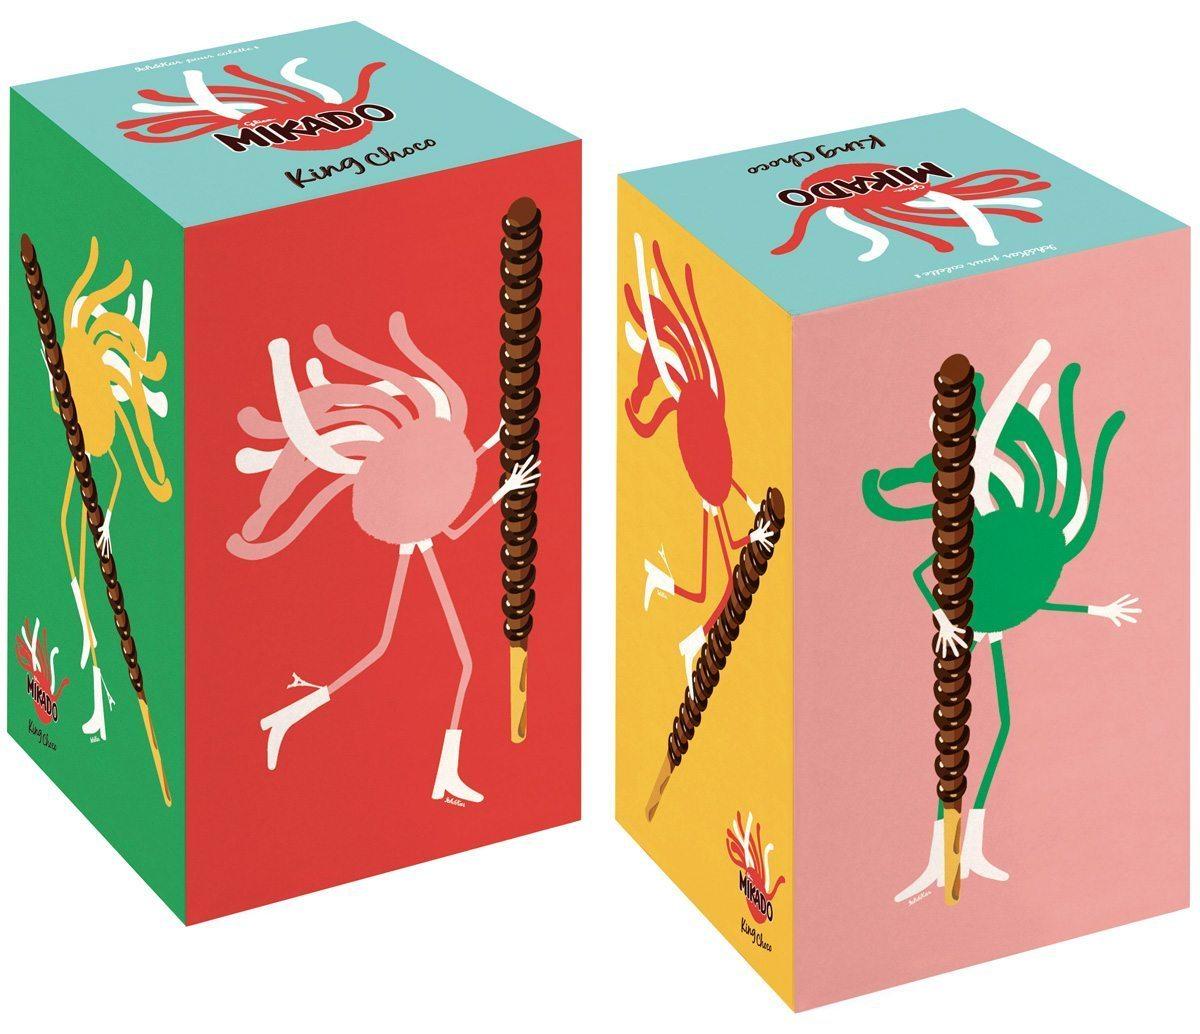 Le coffret collector «Mikado King Choco», édition éphémère en exclusivité chez colette avec l'iconique personnage dessiné par Ich&Kar, Mister Spaghetti